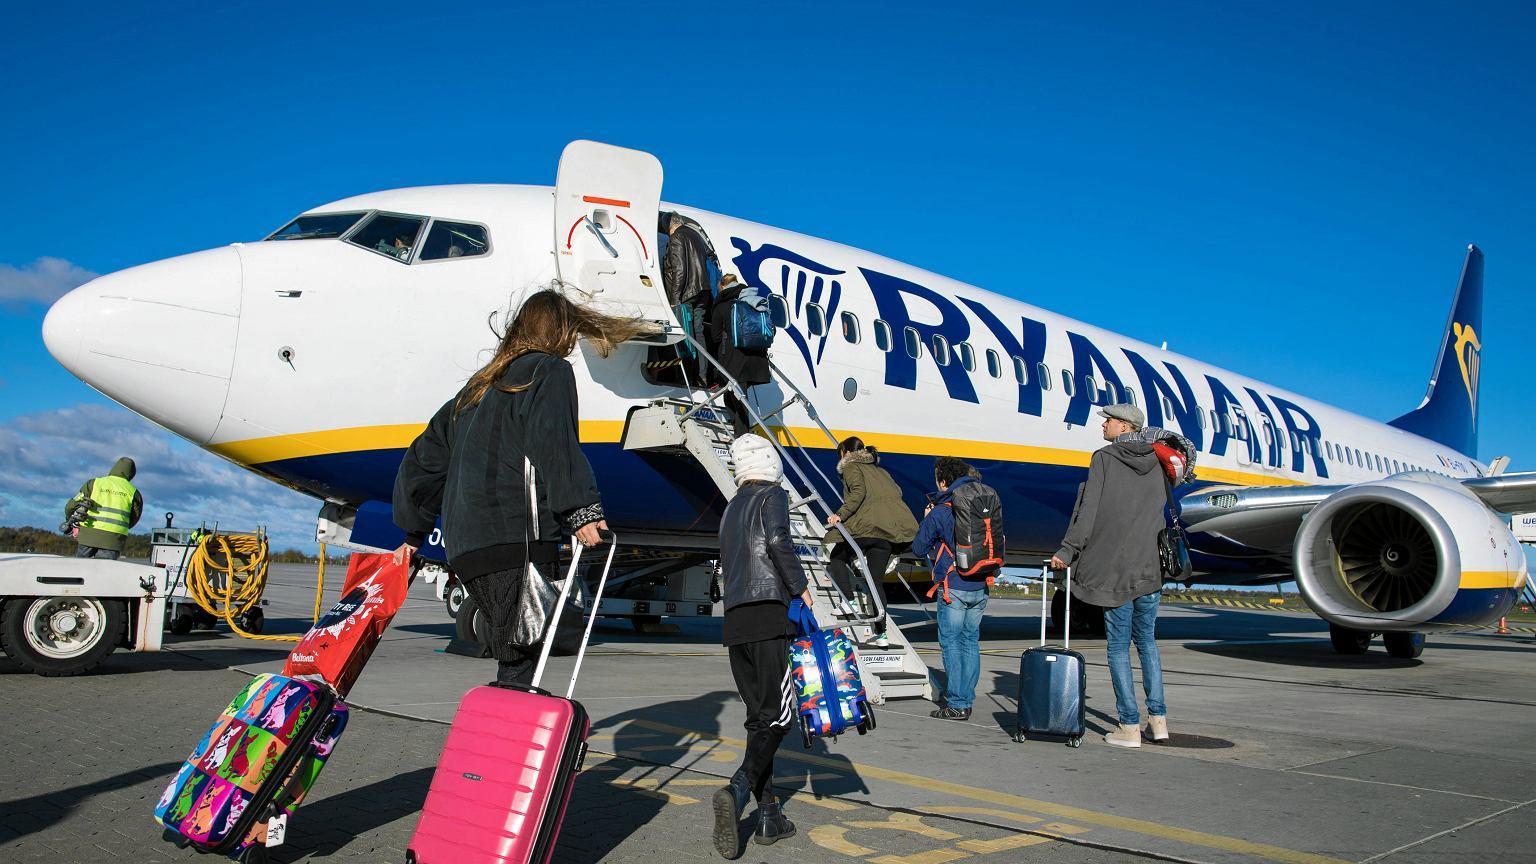 Ryanairskazany zapobieranie opłaty za bagaż podręczny. Sąd: to niezgodne z prawem unijnym